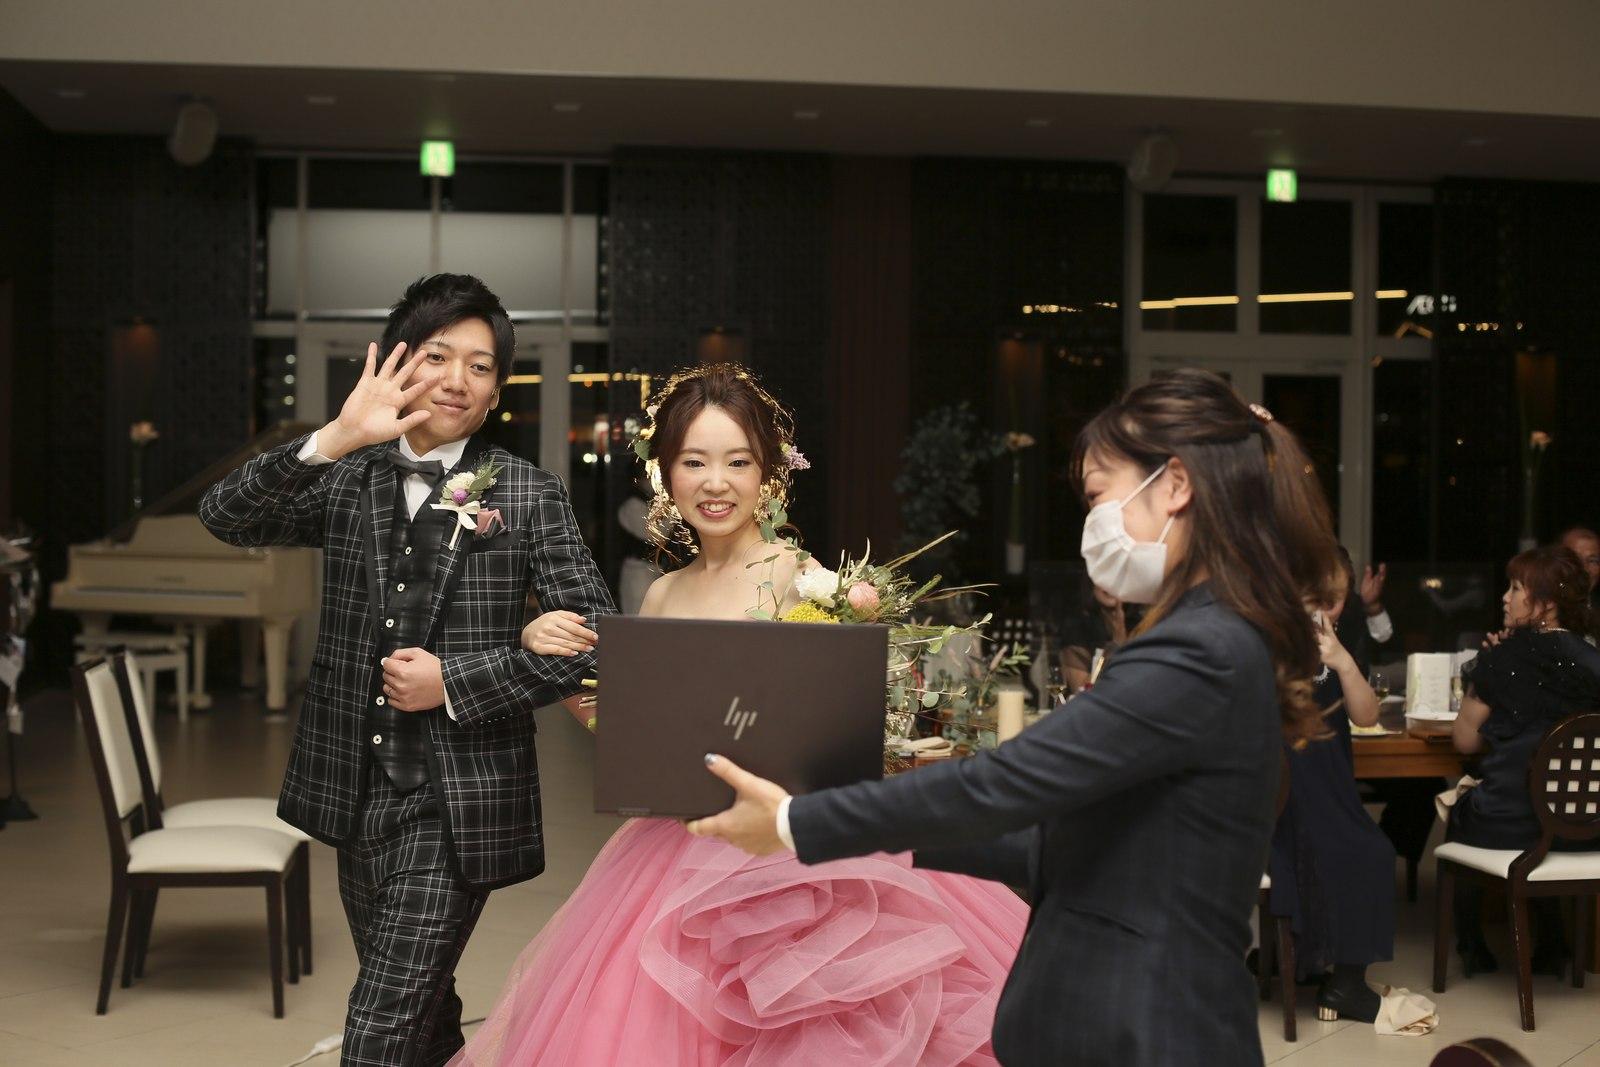 徳島市の結婚式場ブランアンジュでZoomでつながるゲストに挨拶する新郎新婦